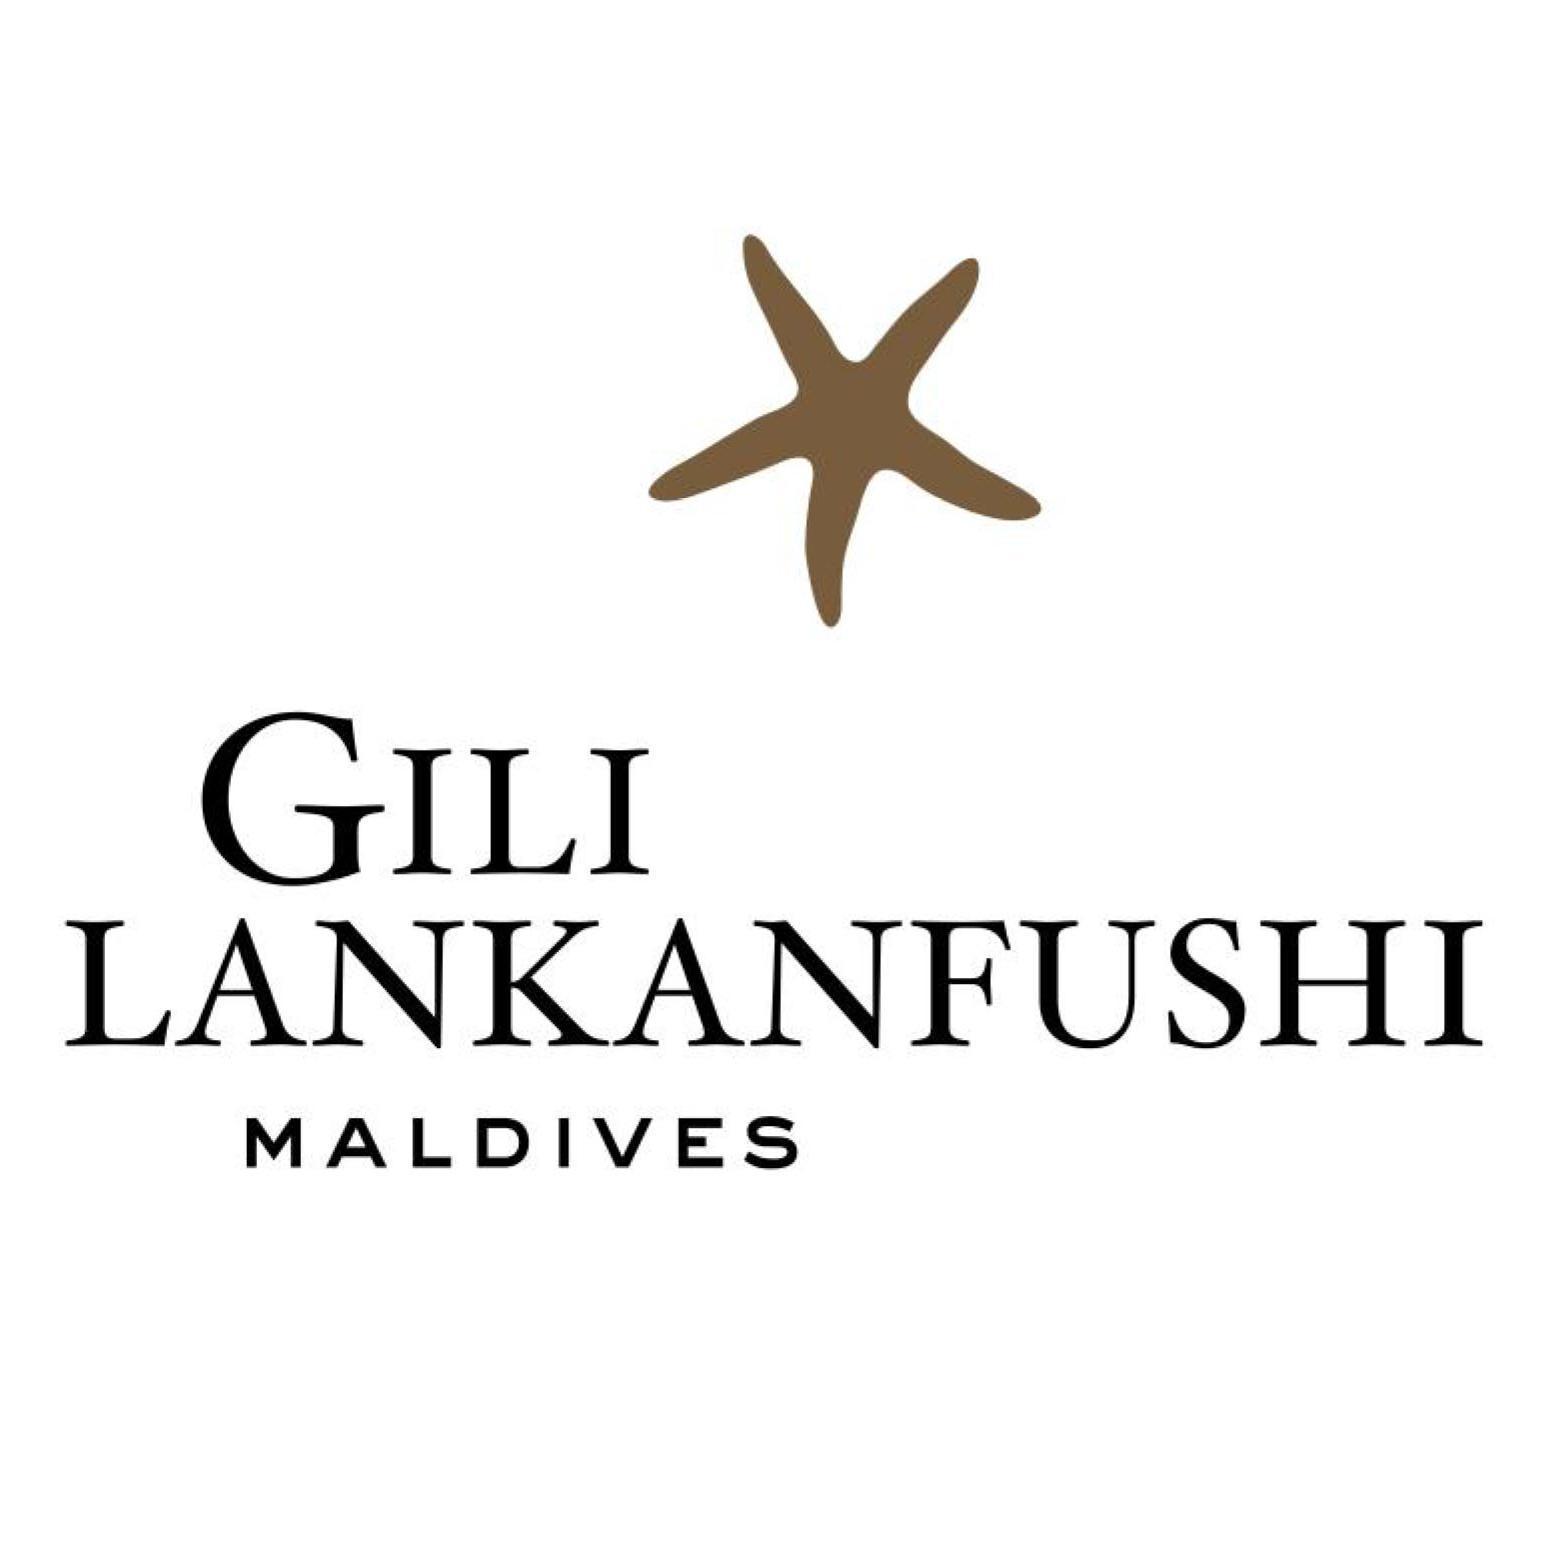 @GiliLankanfushi